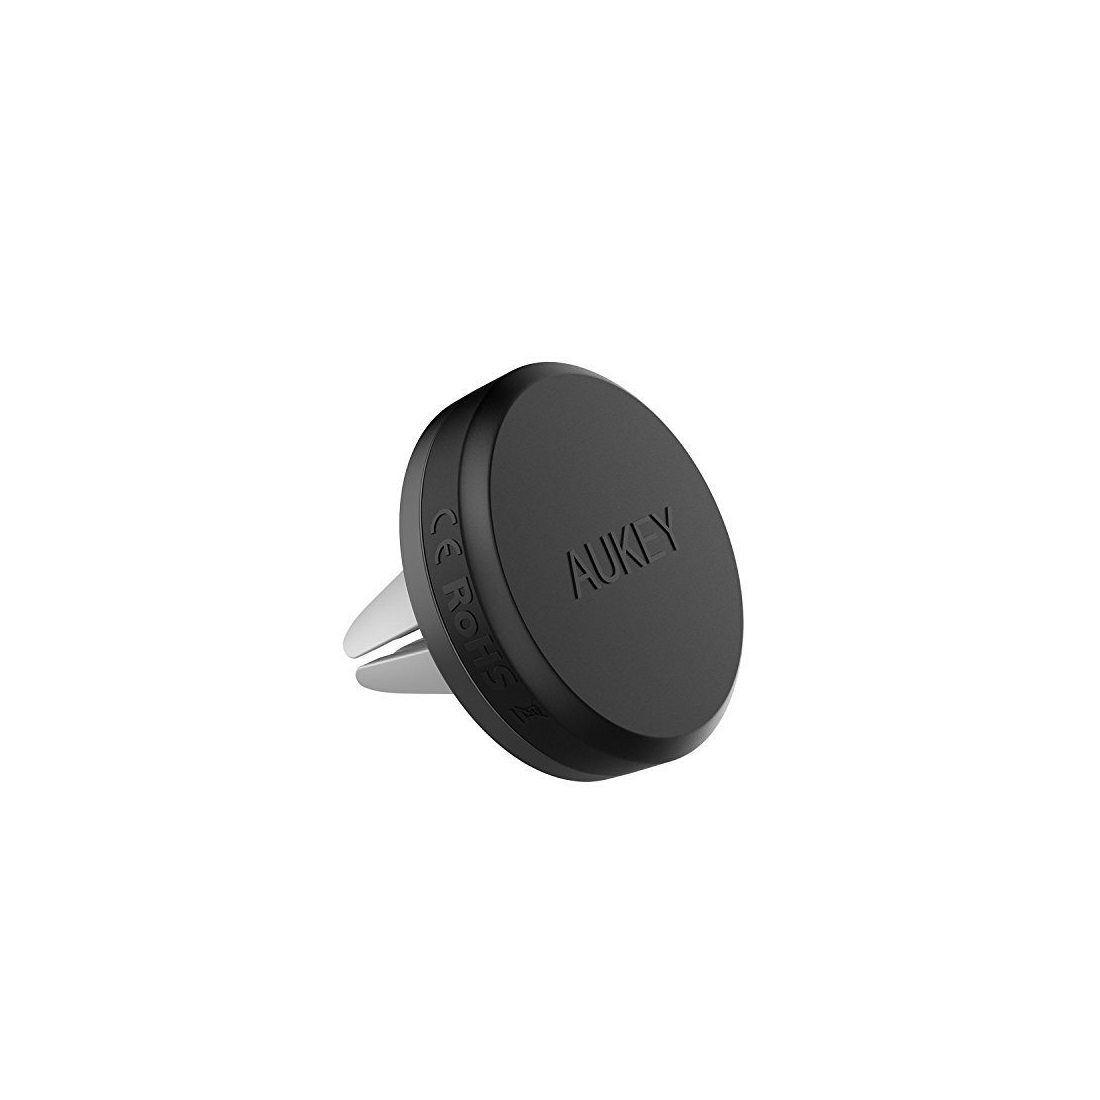 AUKEY Support Voiture Magnétique à Grille d'aération Support Téléphone Voiture Universel pour iPhone 7 / 6 / 5 , Samsung Note